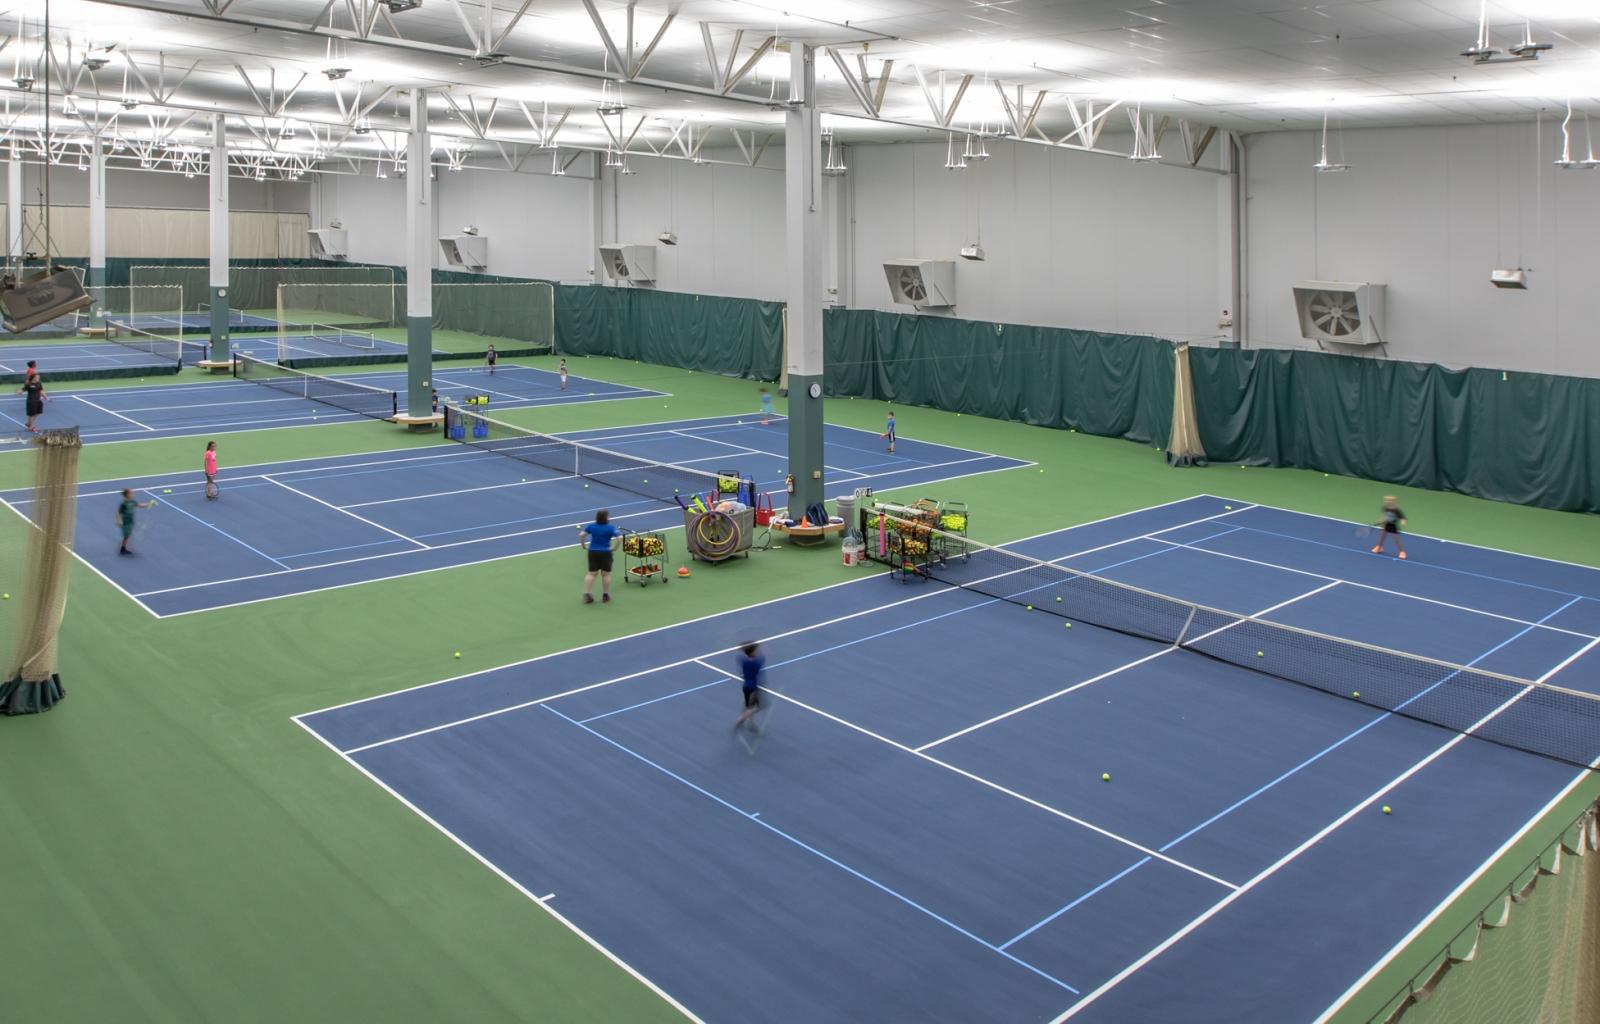 https://cdn2.hubspot.net/hubfs/2470171/blog/Tennis%20Activities.jpg Feature Image